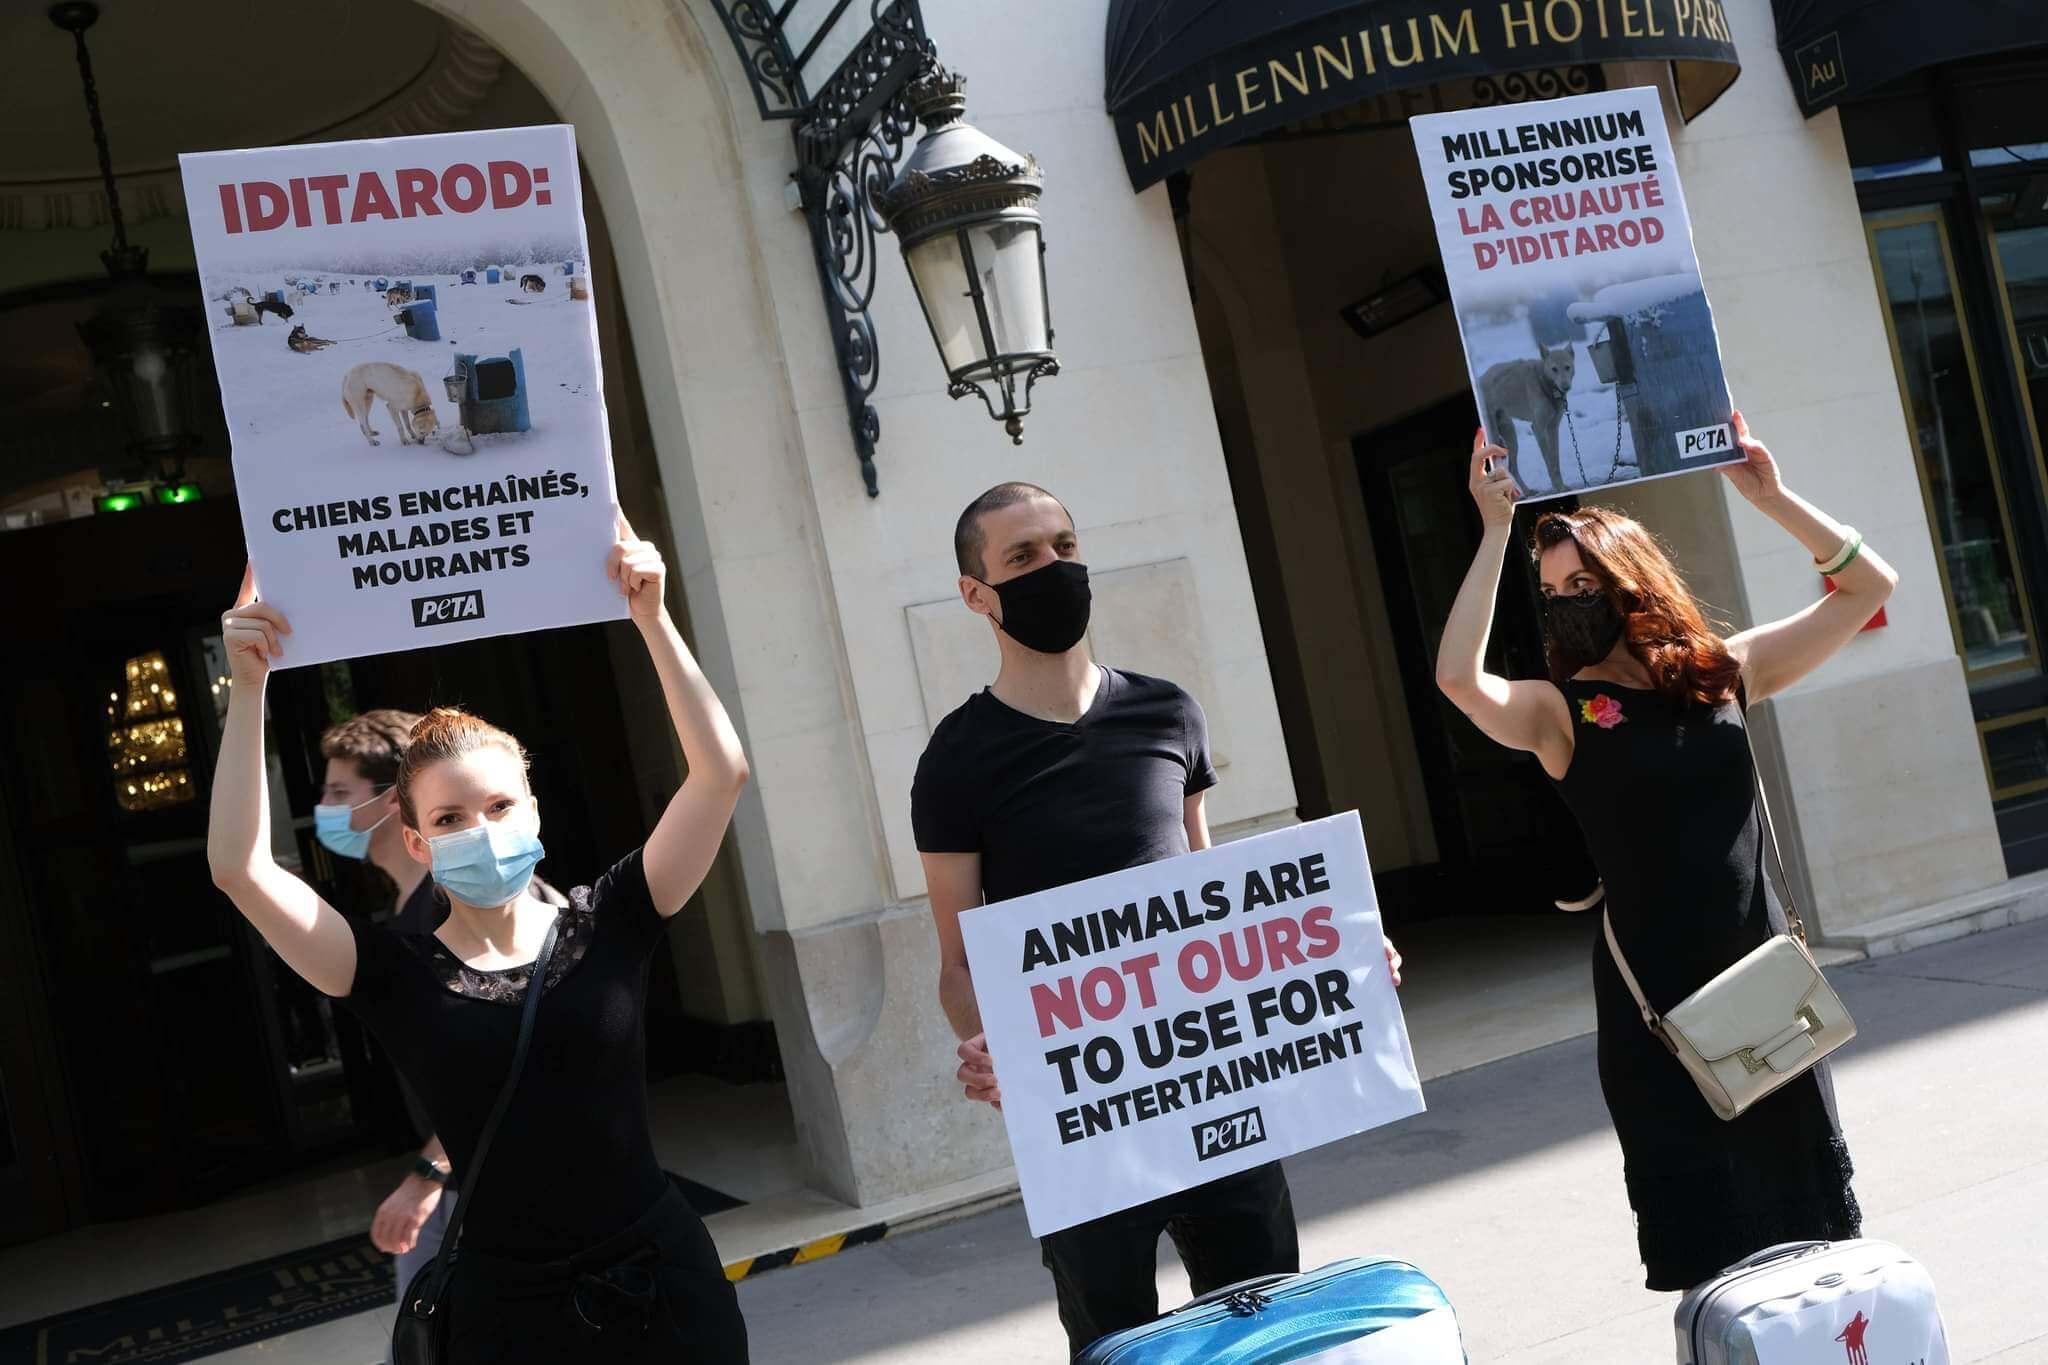 L'hôtel Millennium fait face à une protestation de PETA pour ses liens avec l'Iditarod